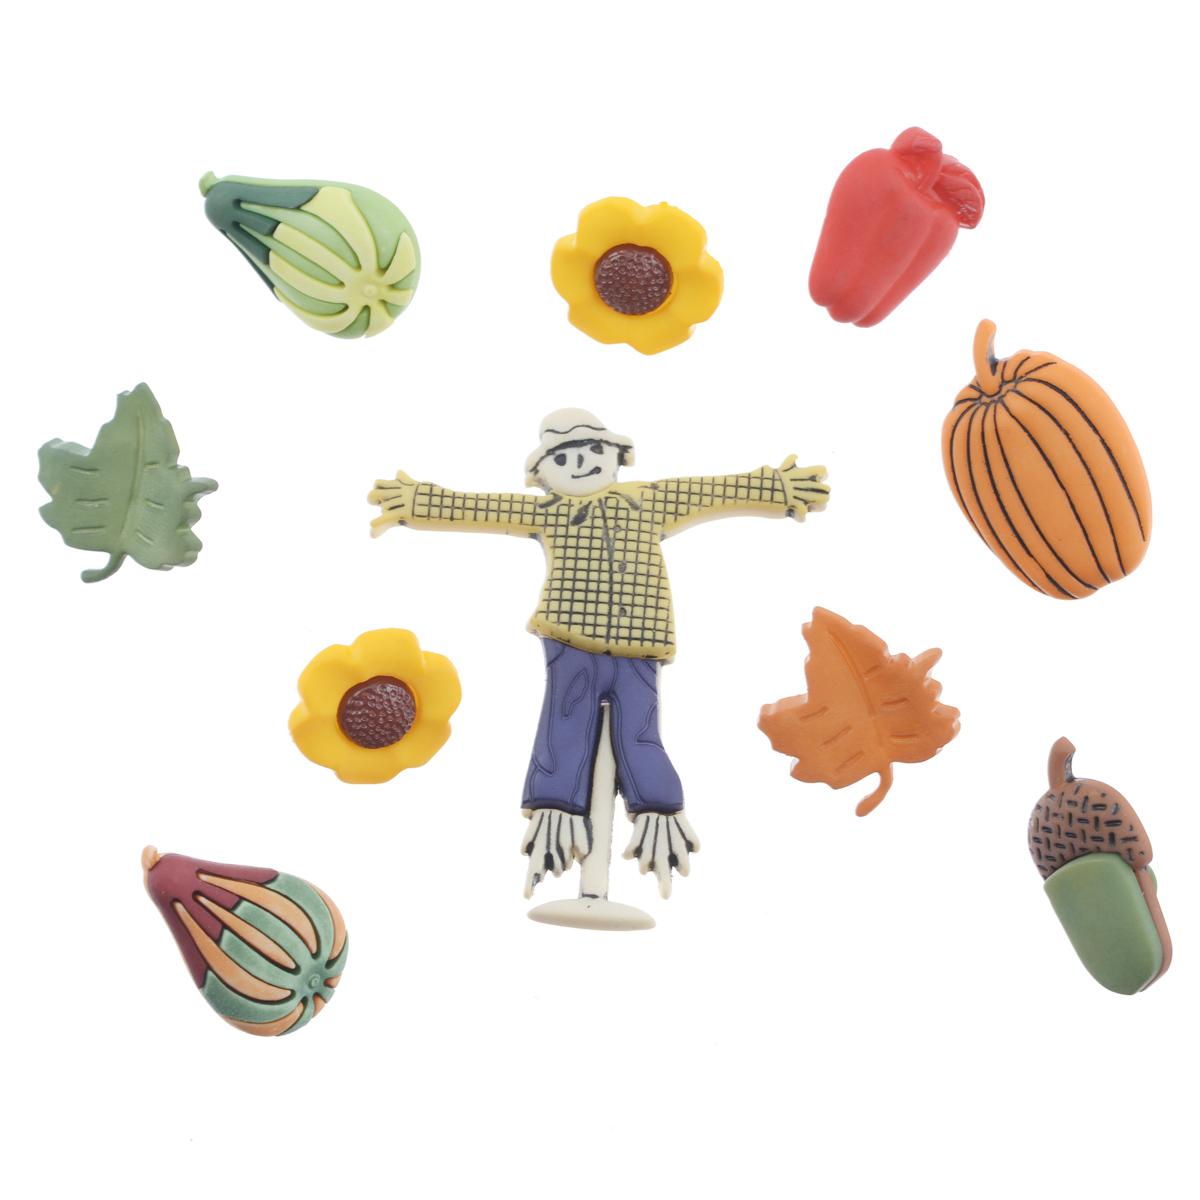 Пуговицы декоративные Buttons Galore & More Signs Of Autumn, 10 шт7705936Набор Buttons Galore & More Signs Of Autumn состоит из 10 декоративных пуговиц. Все элементы выполнены из пластика в виде листьев, цветов, урожая и чучела. Такие пуговицы подходят для любых видов творчества: скрапбукинга, декорирования, шитья, изготовления кукол, а также для оформления одежды. С их помощью вы сможете украсить открытку, фотографию, альбом, подарок и другие предметы ручной работы. Пуговицы разных цветов имеют оригинальный и яркий дизайн. Размер самой большой пуговицы: 4,5 см х 4 см х 0,5 см. Размер самой маленькой пуговицы: 1,5 см х 1,5 см х 0,5 см.